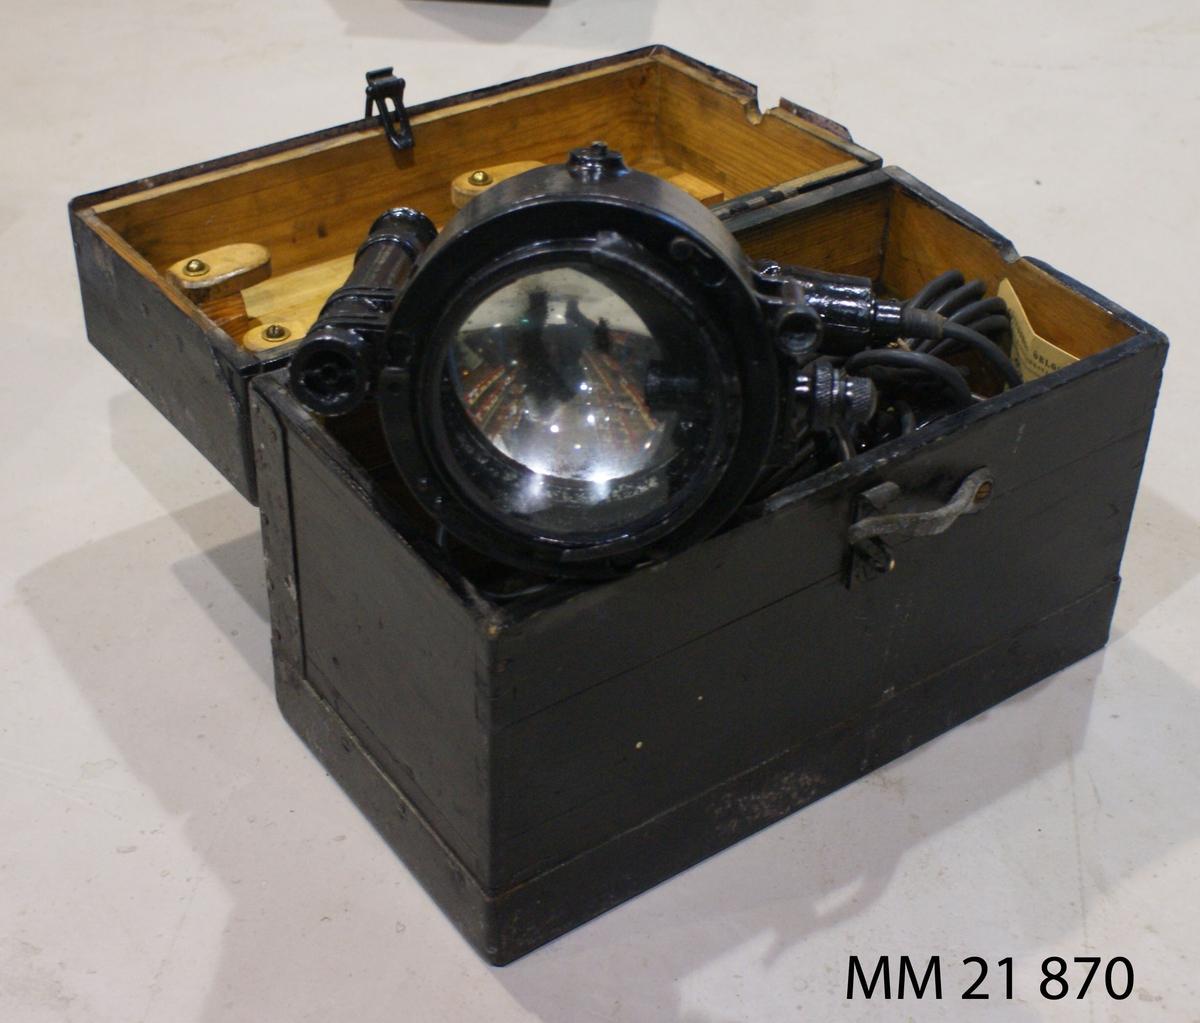 Dagmorselanterna med dioptersikte, för nätanslutning. Med förvaringslåda. Signalspegel åstadkommer tecken. SSS 333.